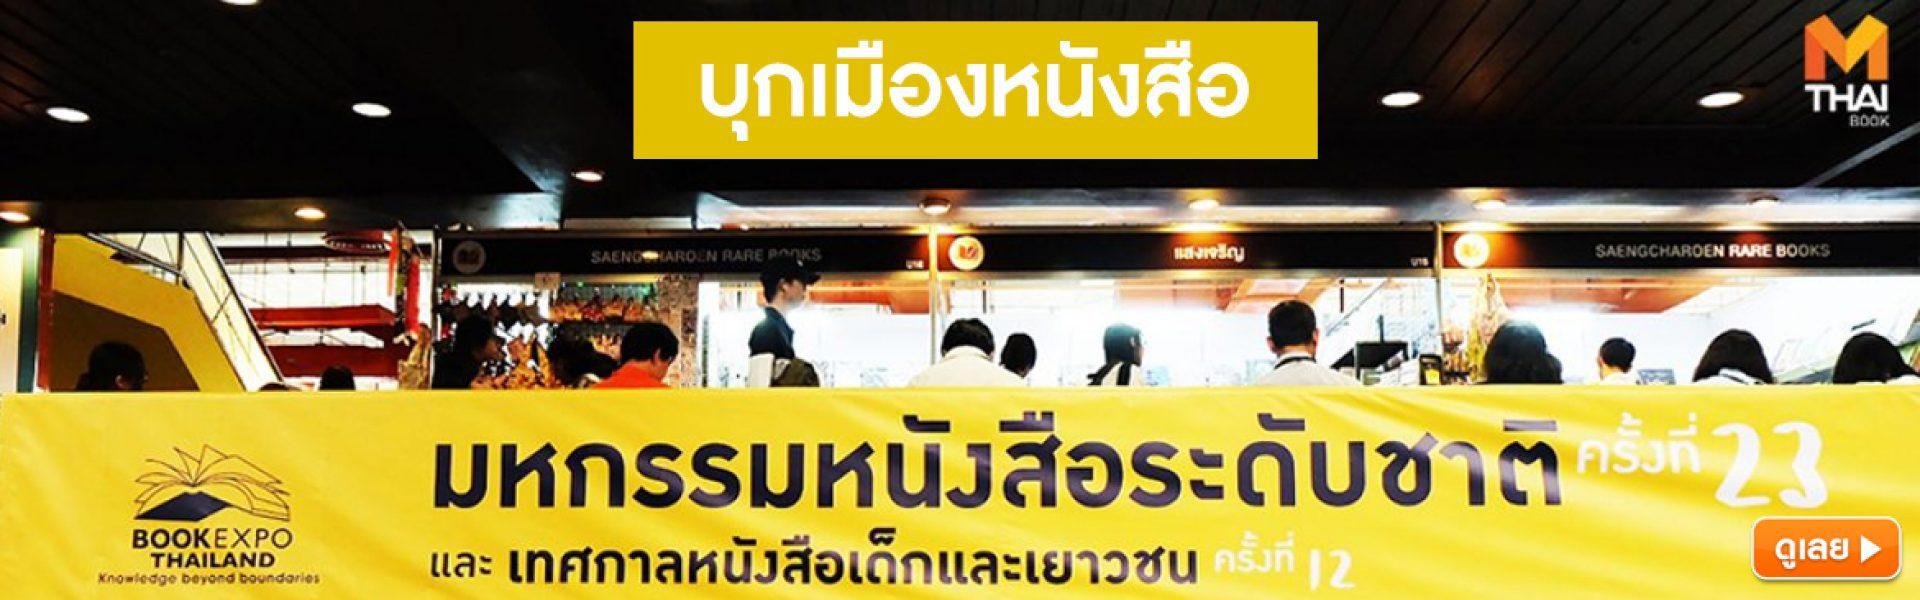 MThai Book บุกเมืองหนังสือ : พาเที่ยวงานมหกรรมหนังสือระดับชาติ ครั้งที่ 23